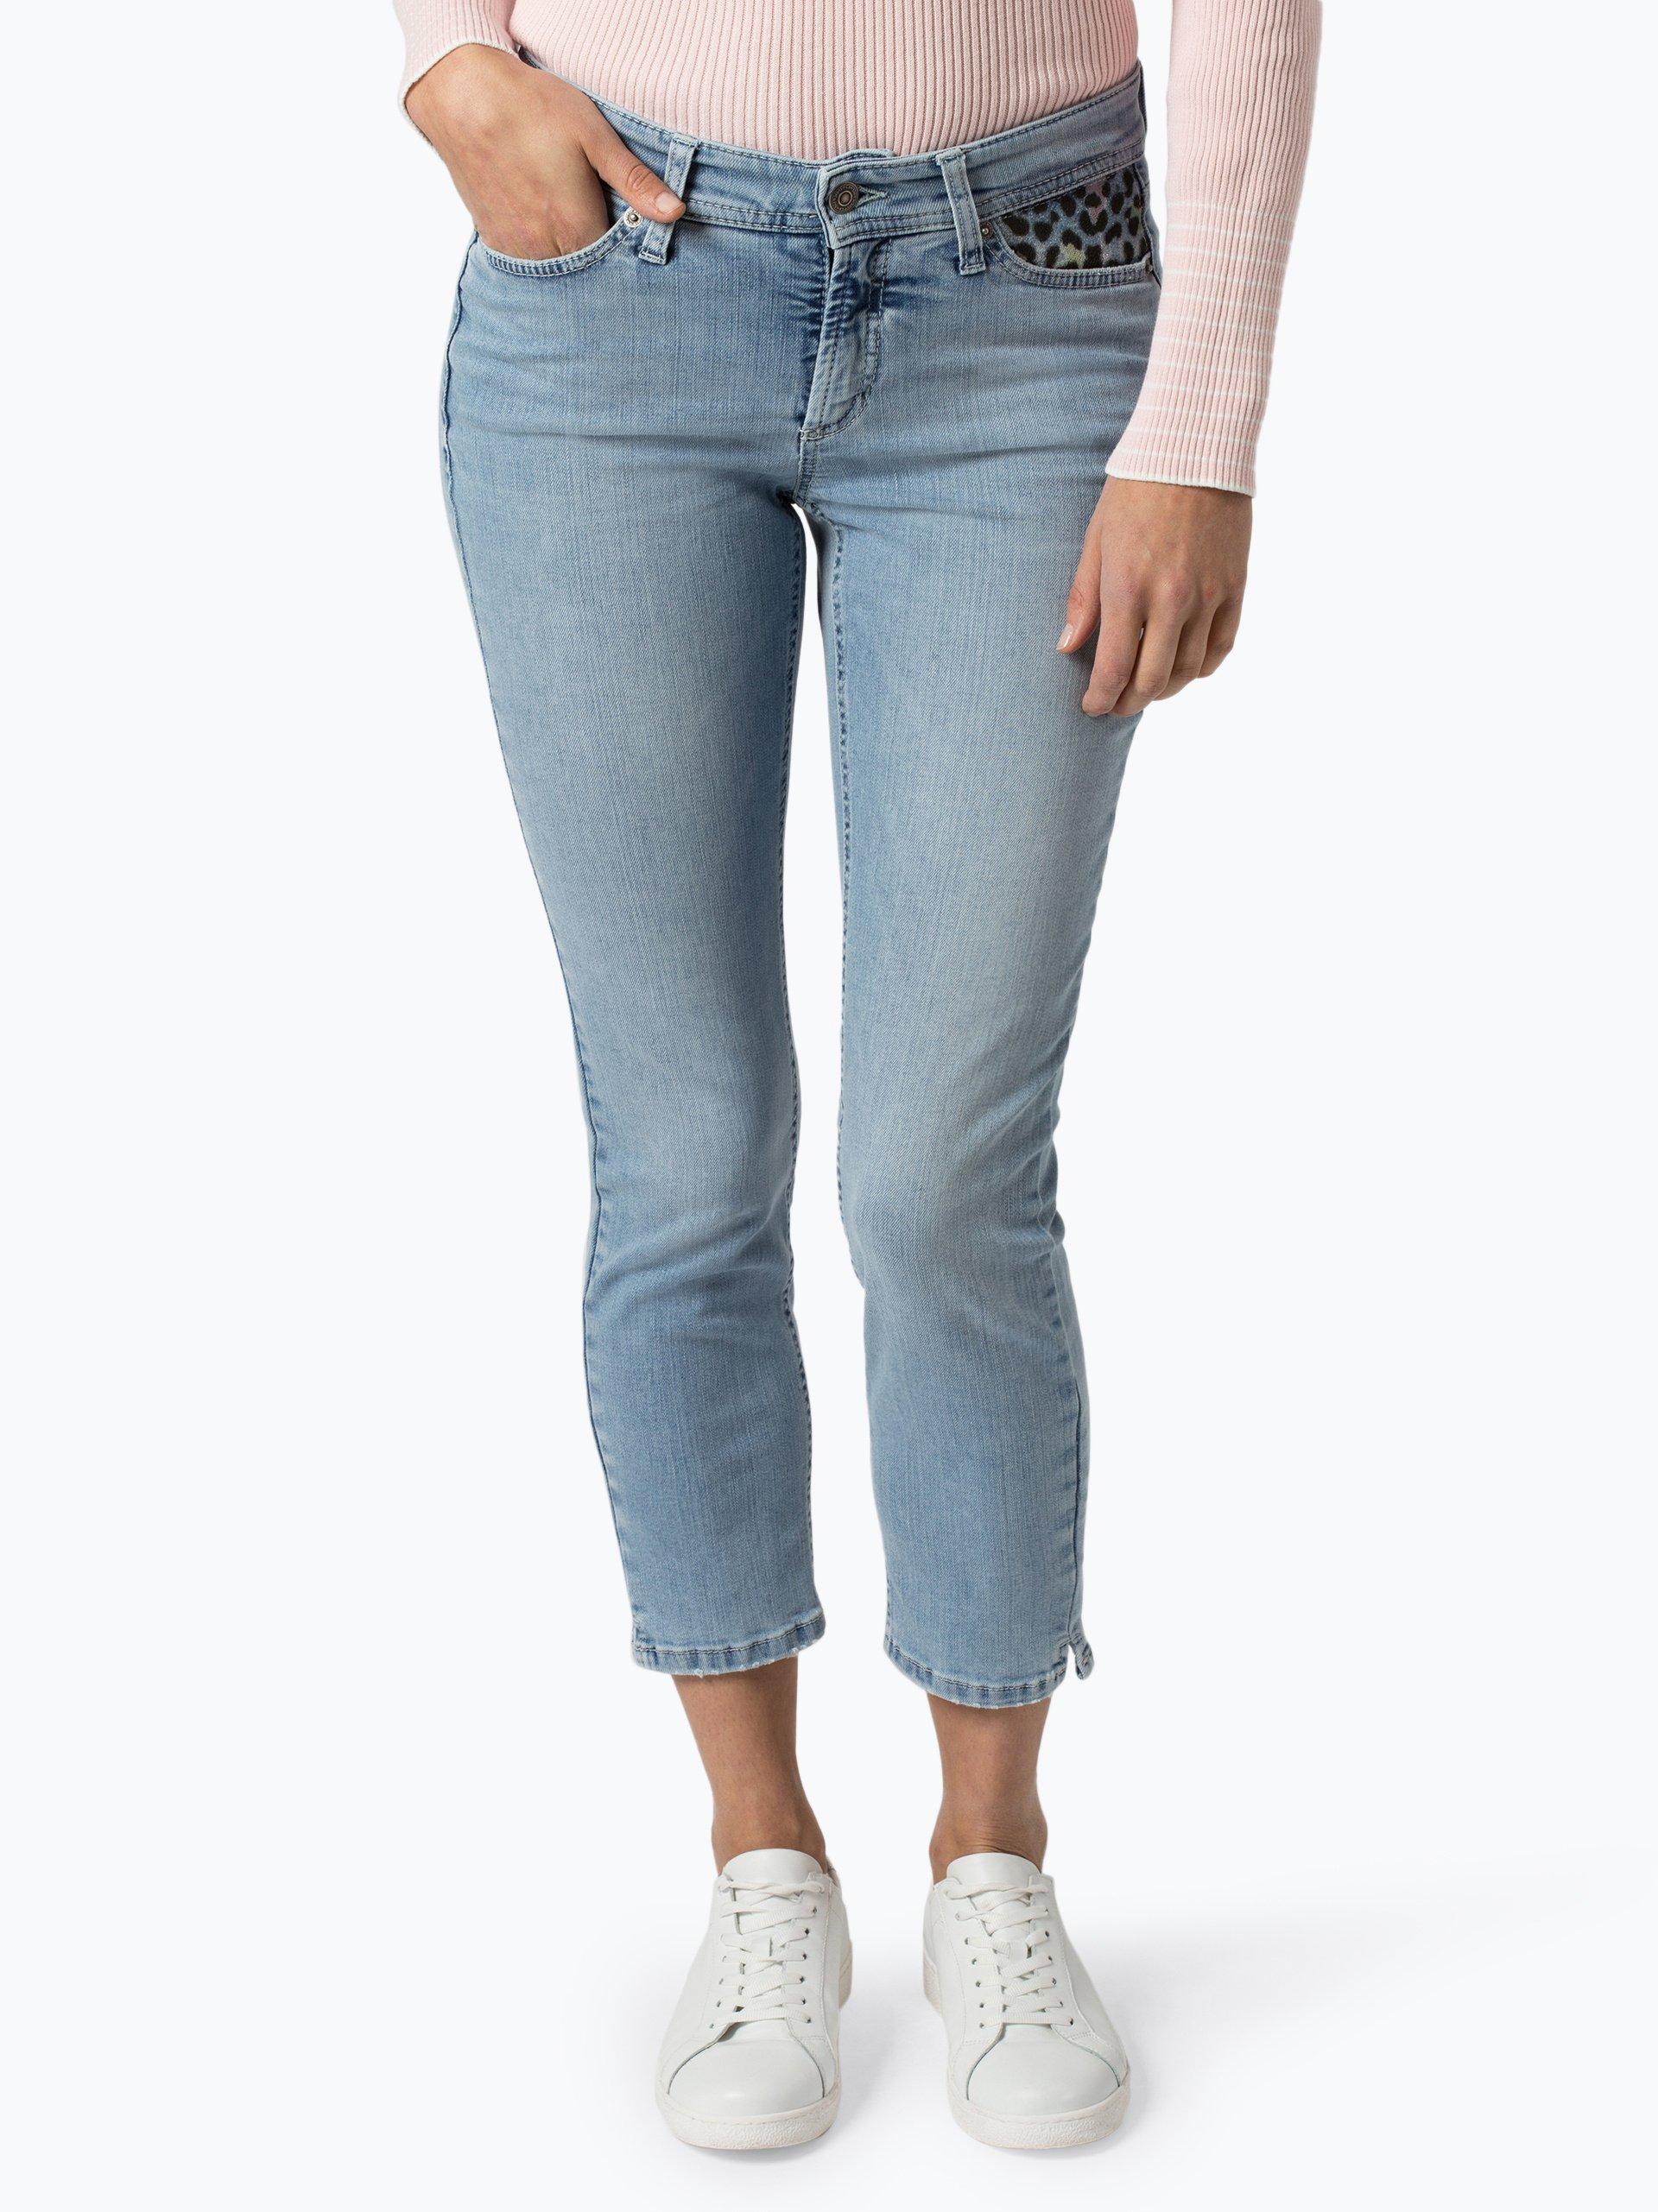 Cambio Damen Jeans - Piper